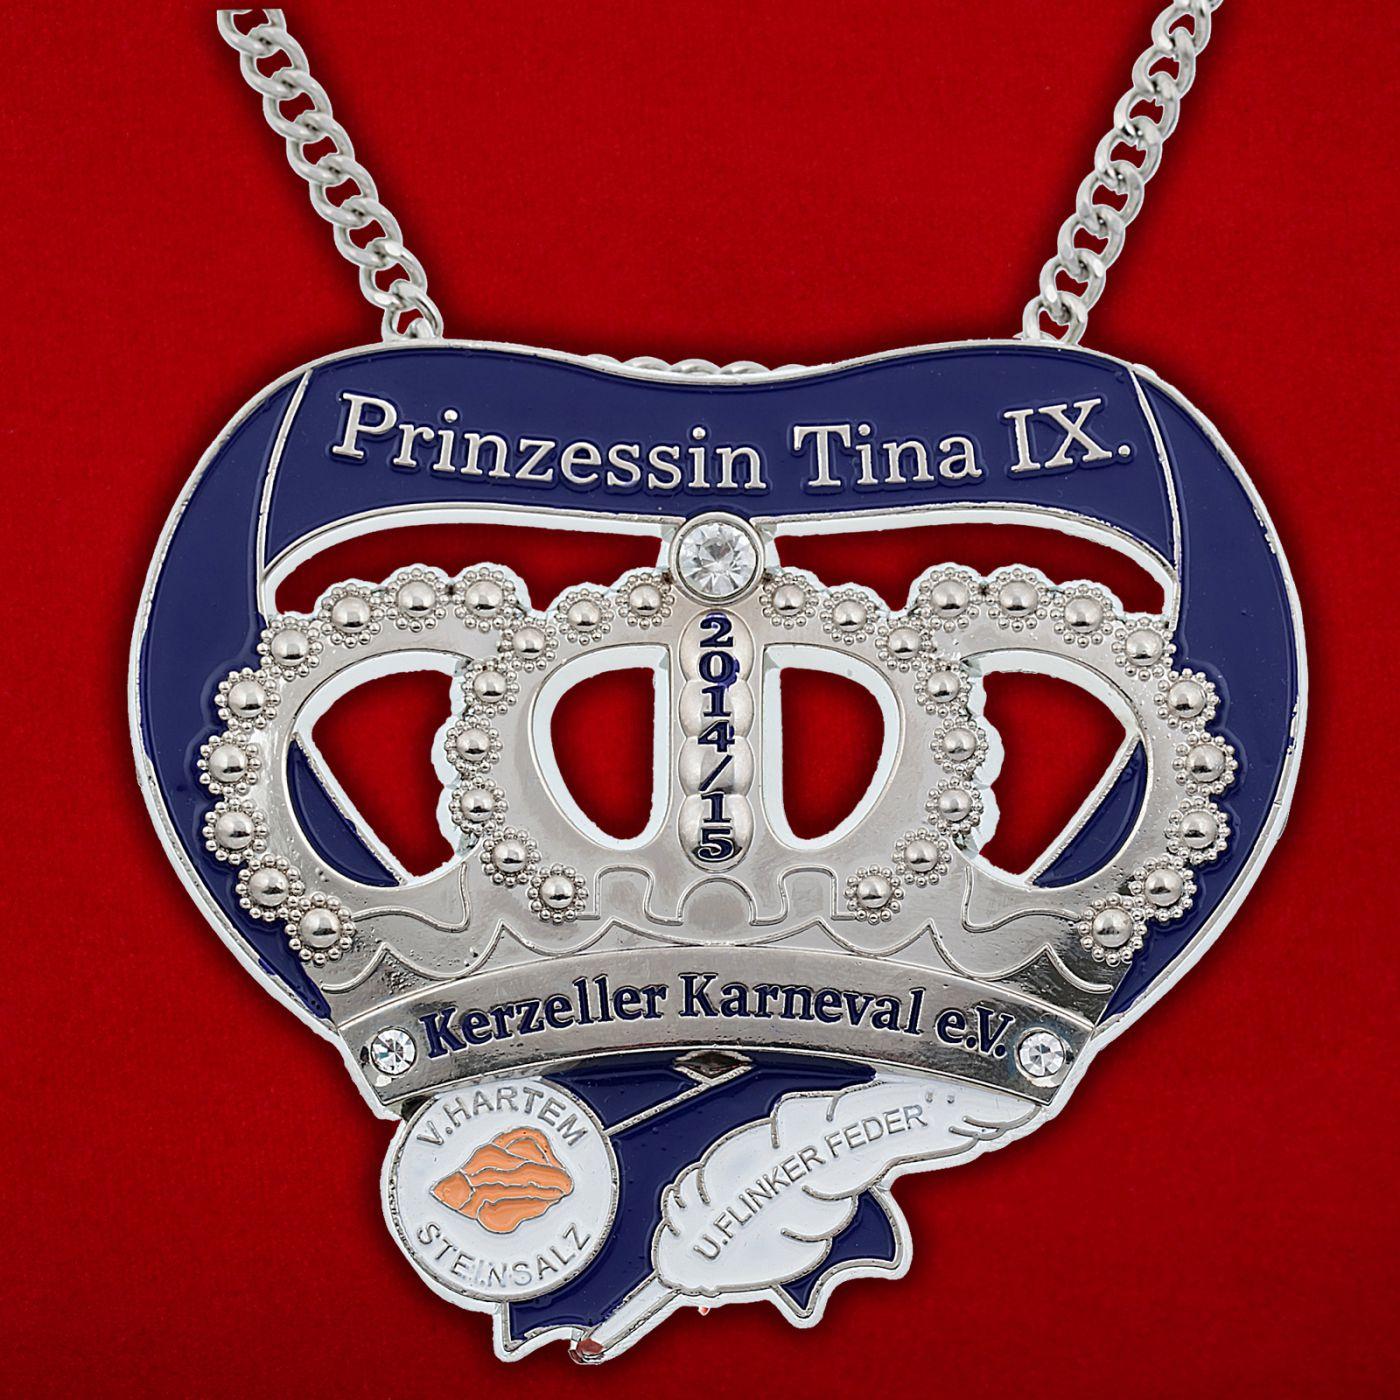 Медальон Принцессы карнавала в Керцелле